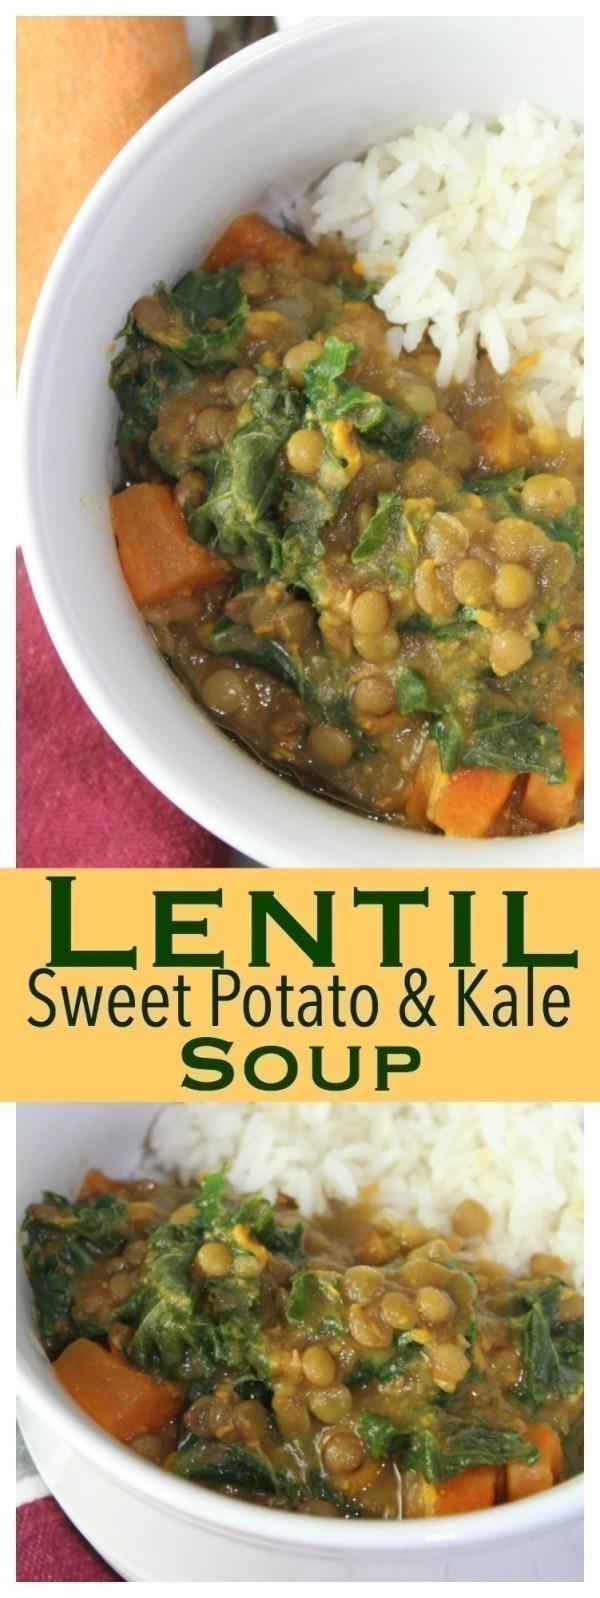 Lentil, Sweet Potato & Kale Soup